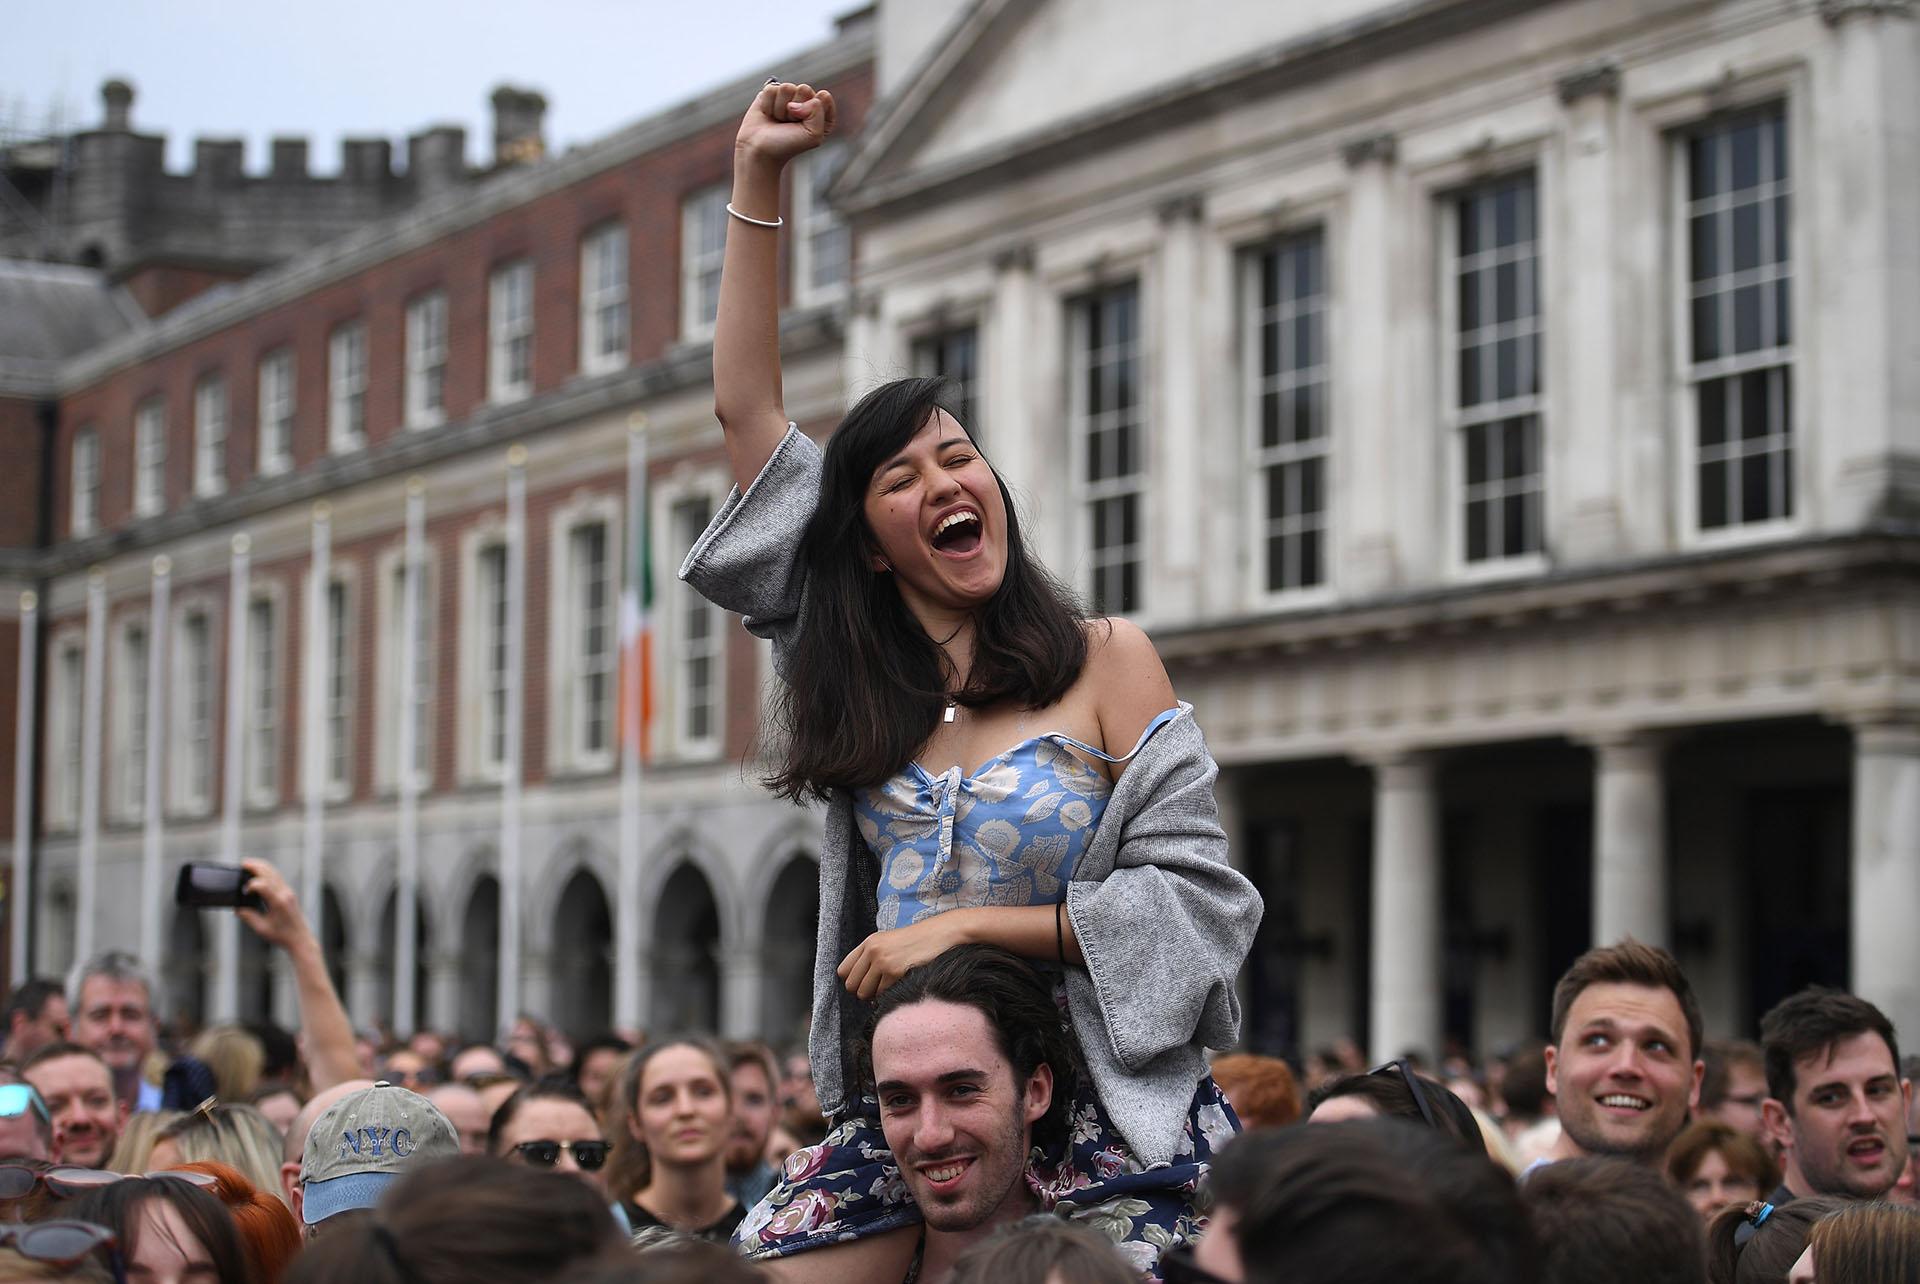 Irlanda pone fin a prohibición del aborto